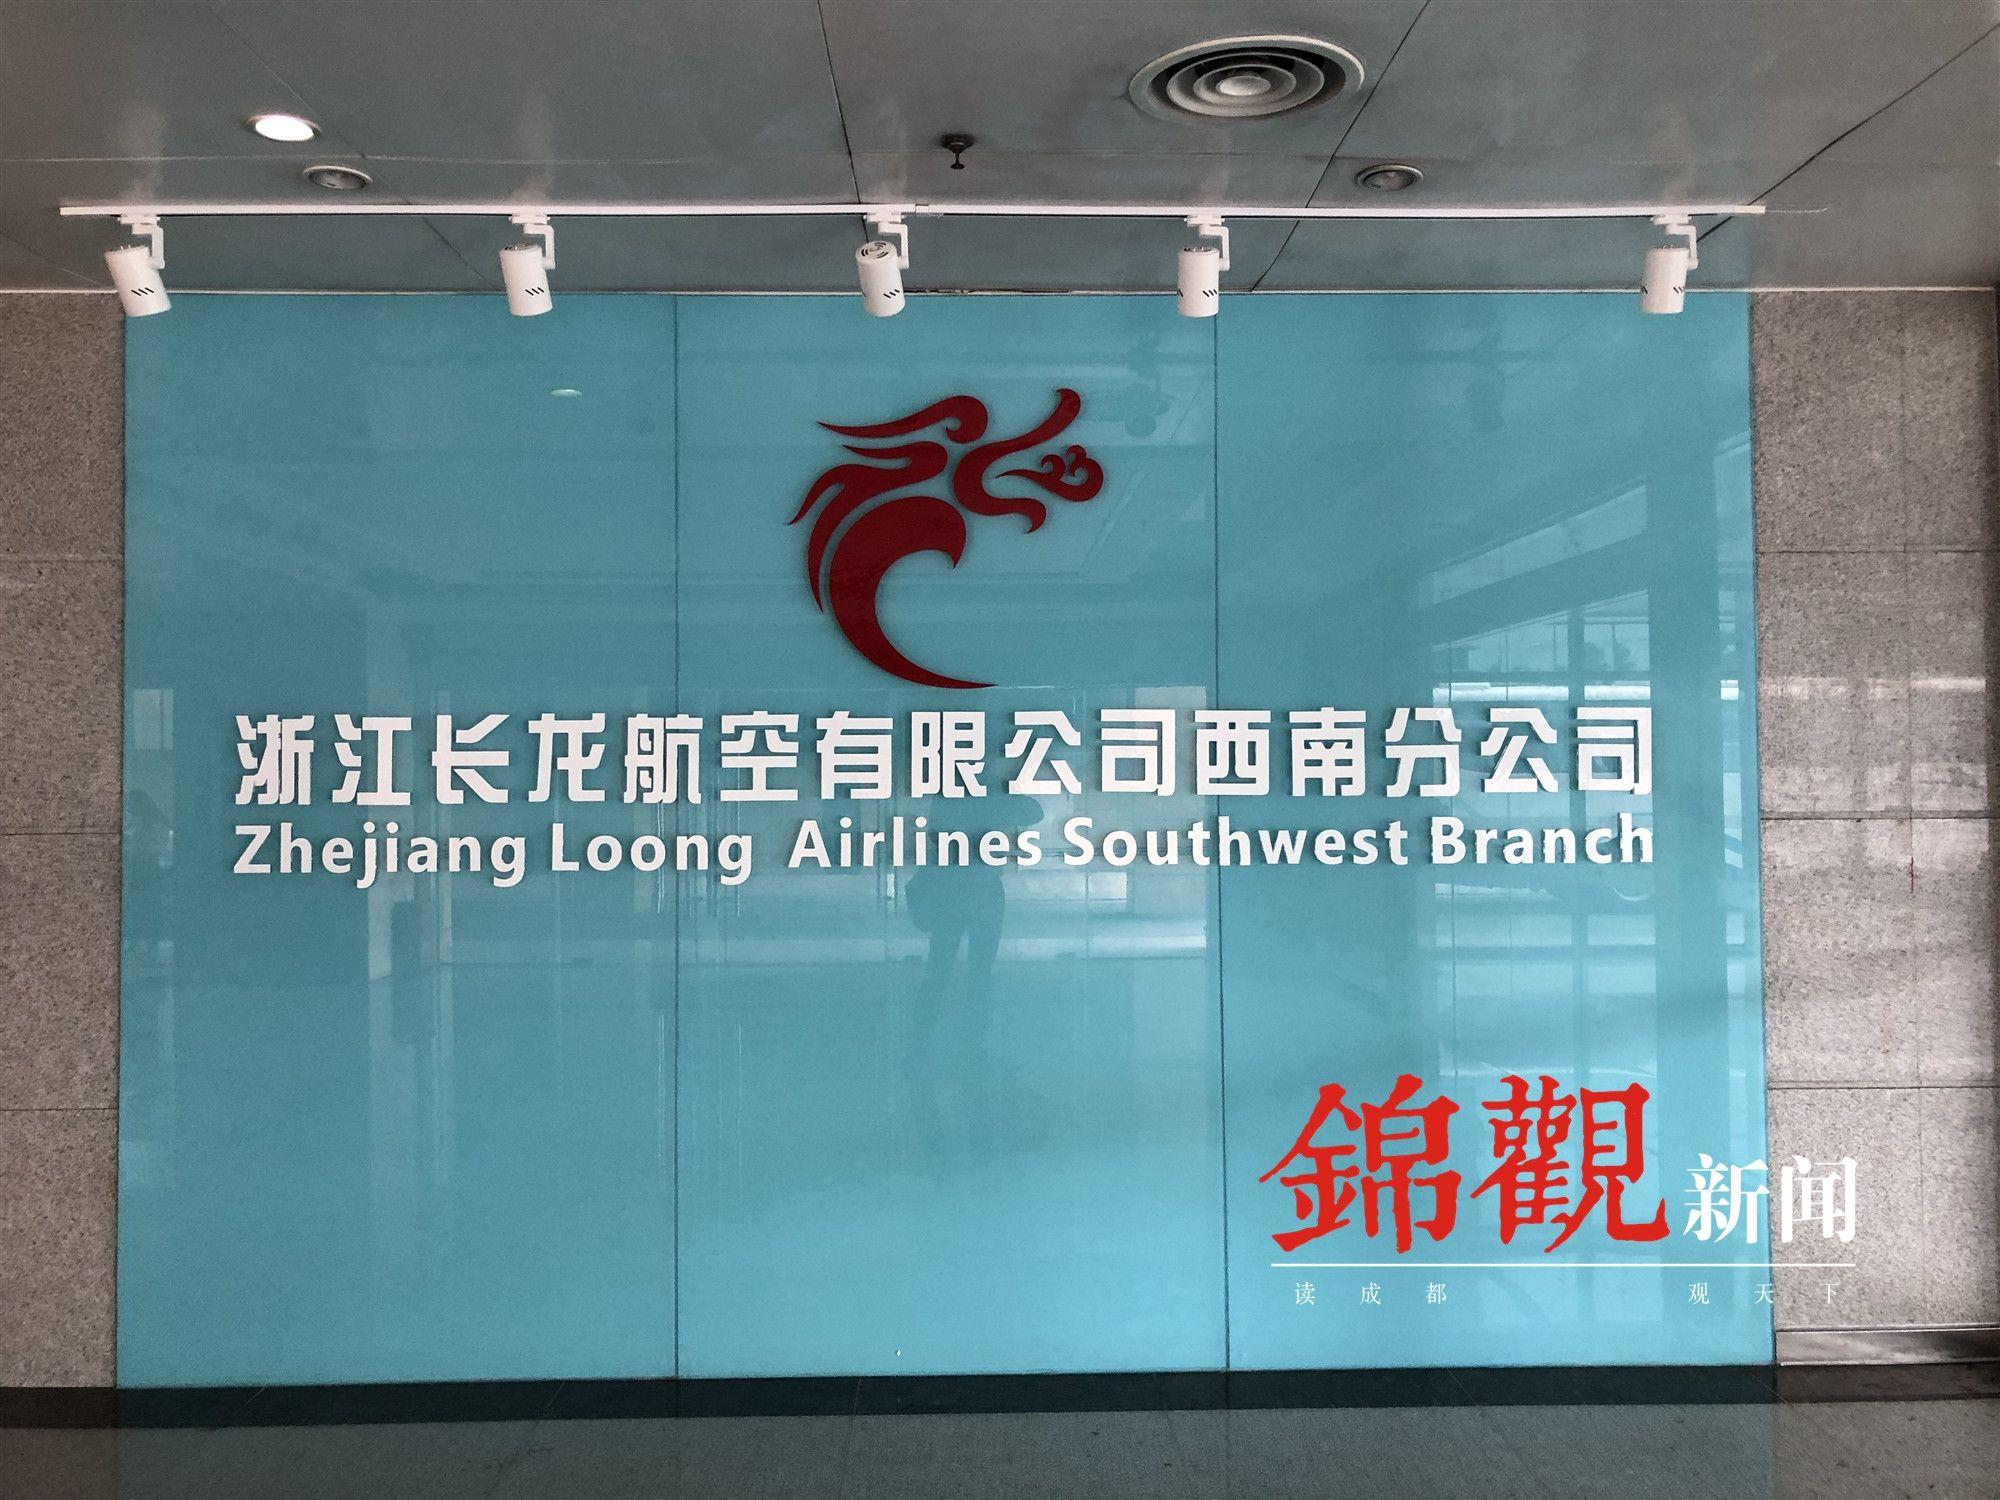 长龙航空西南分公司成立 成都基地航空数量增至9家